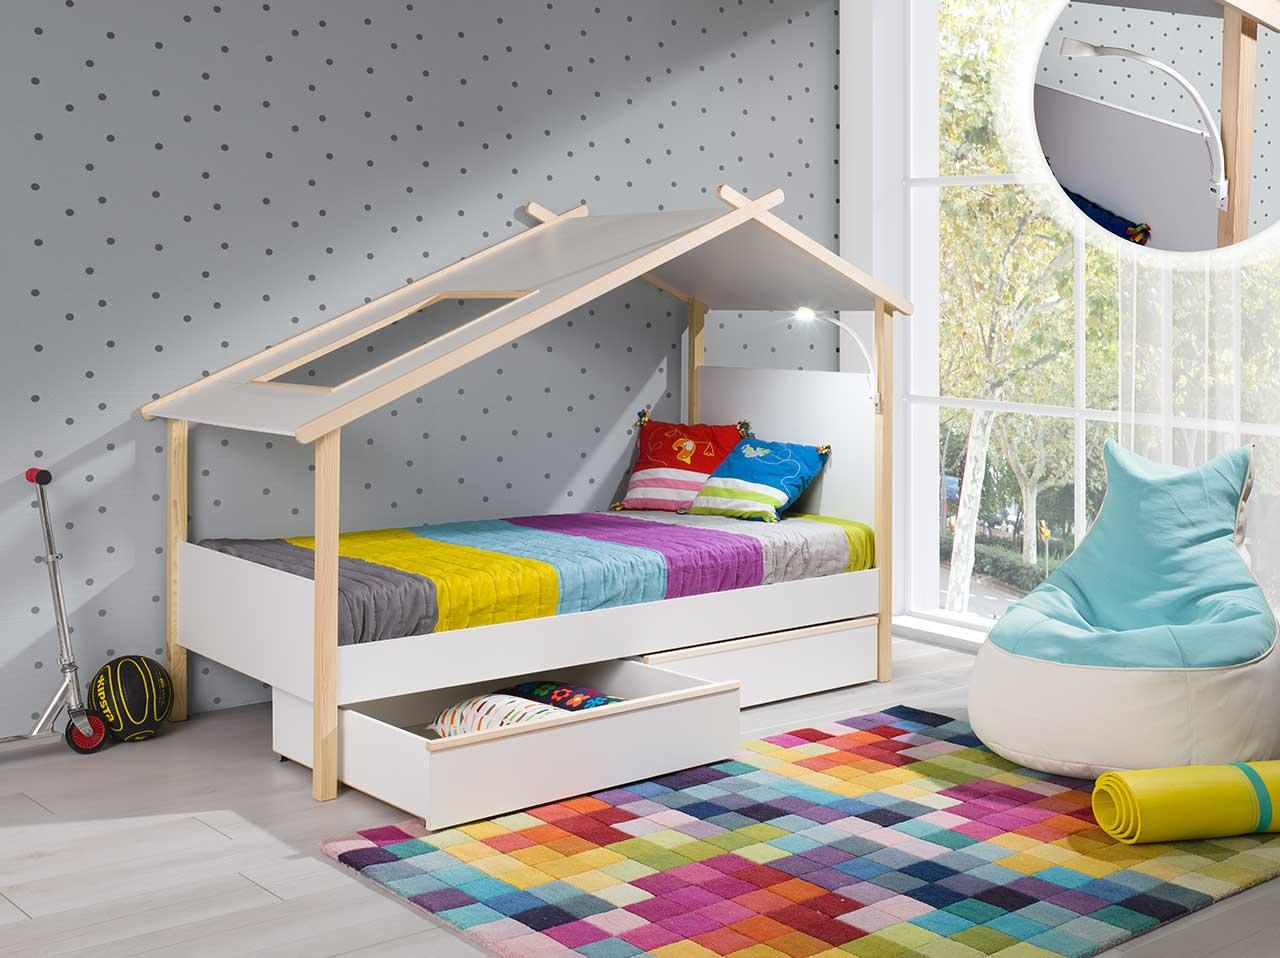 łóżko Dla Dziecka Roksa 90x200 Meble Bik 7360855621